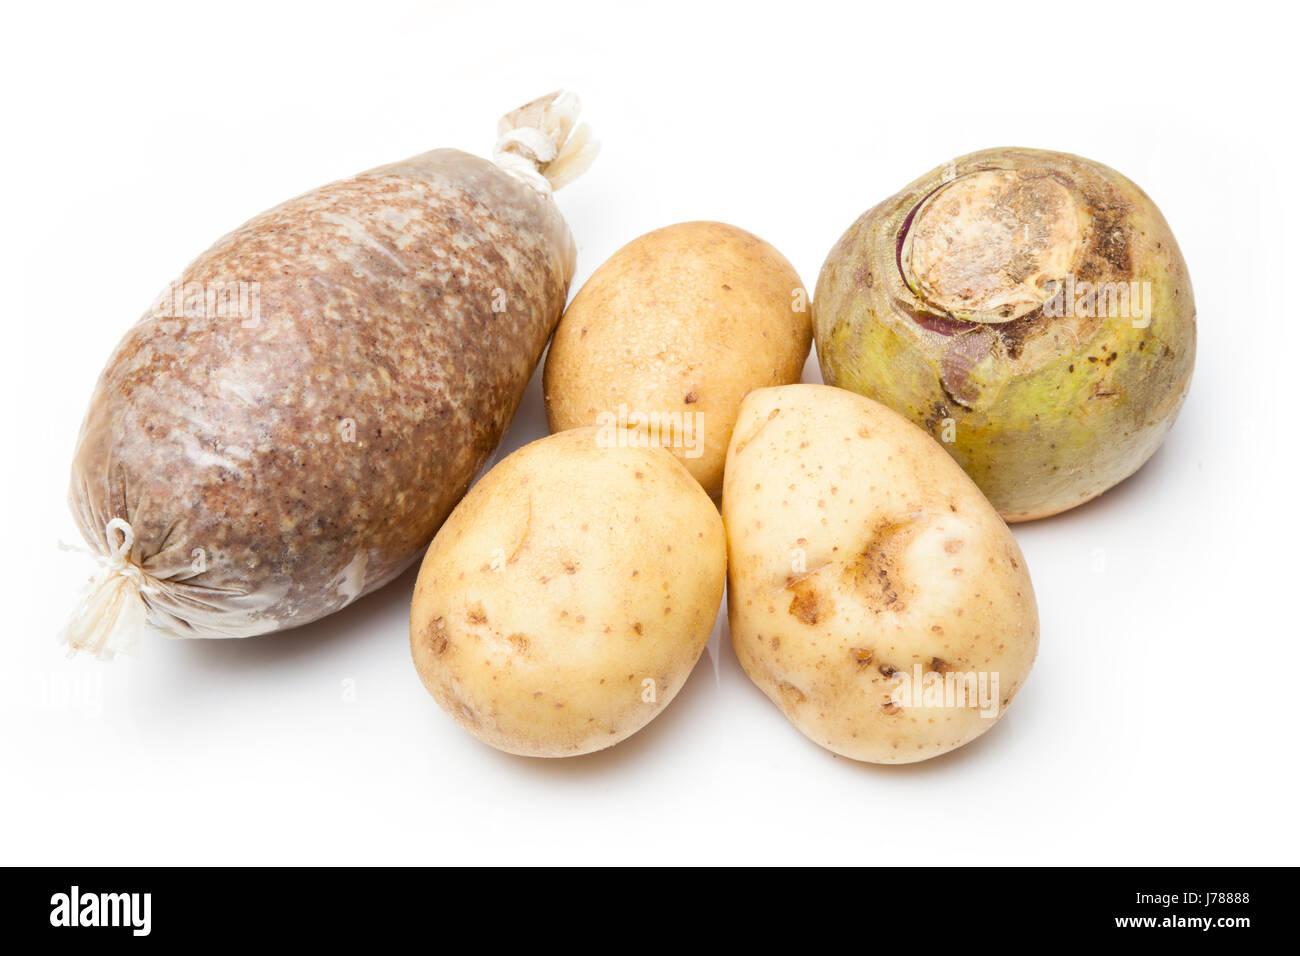 Musica Tradizionale Scozzese Haggis con patate e rape isolati non cotte su una bianca di sfondo per studio. Immagini Stock